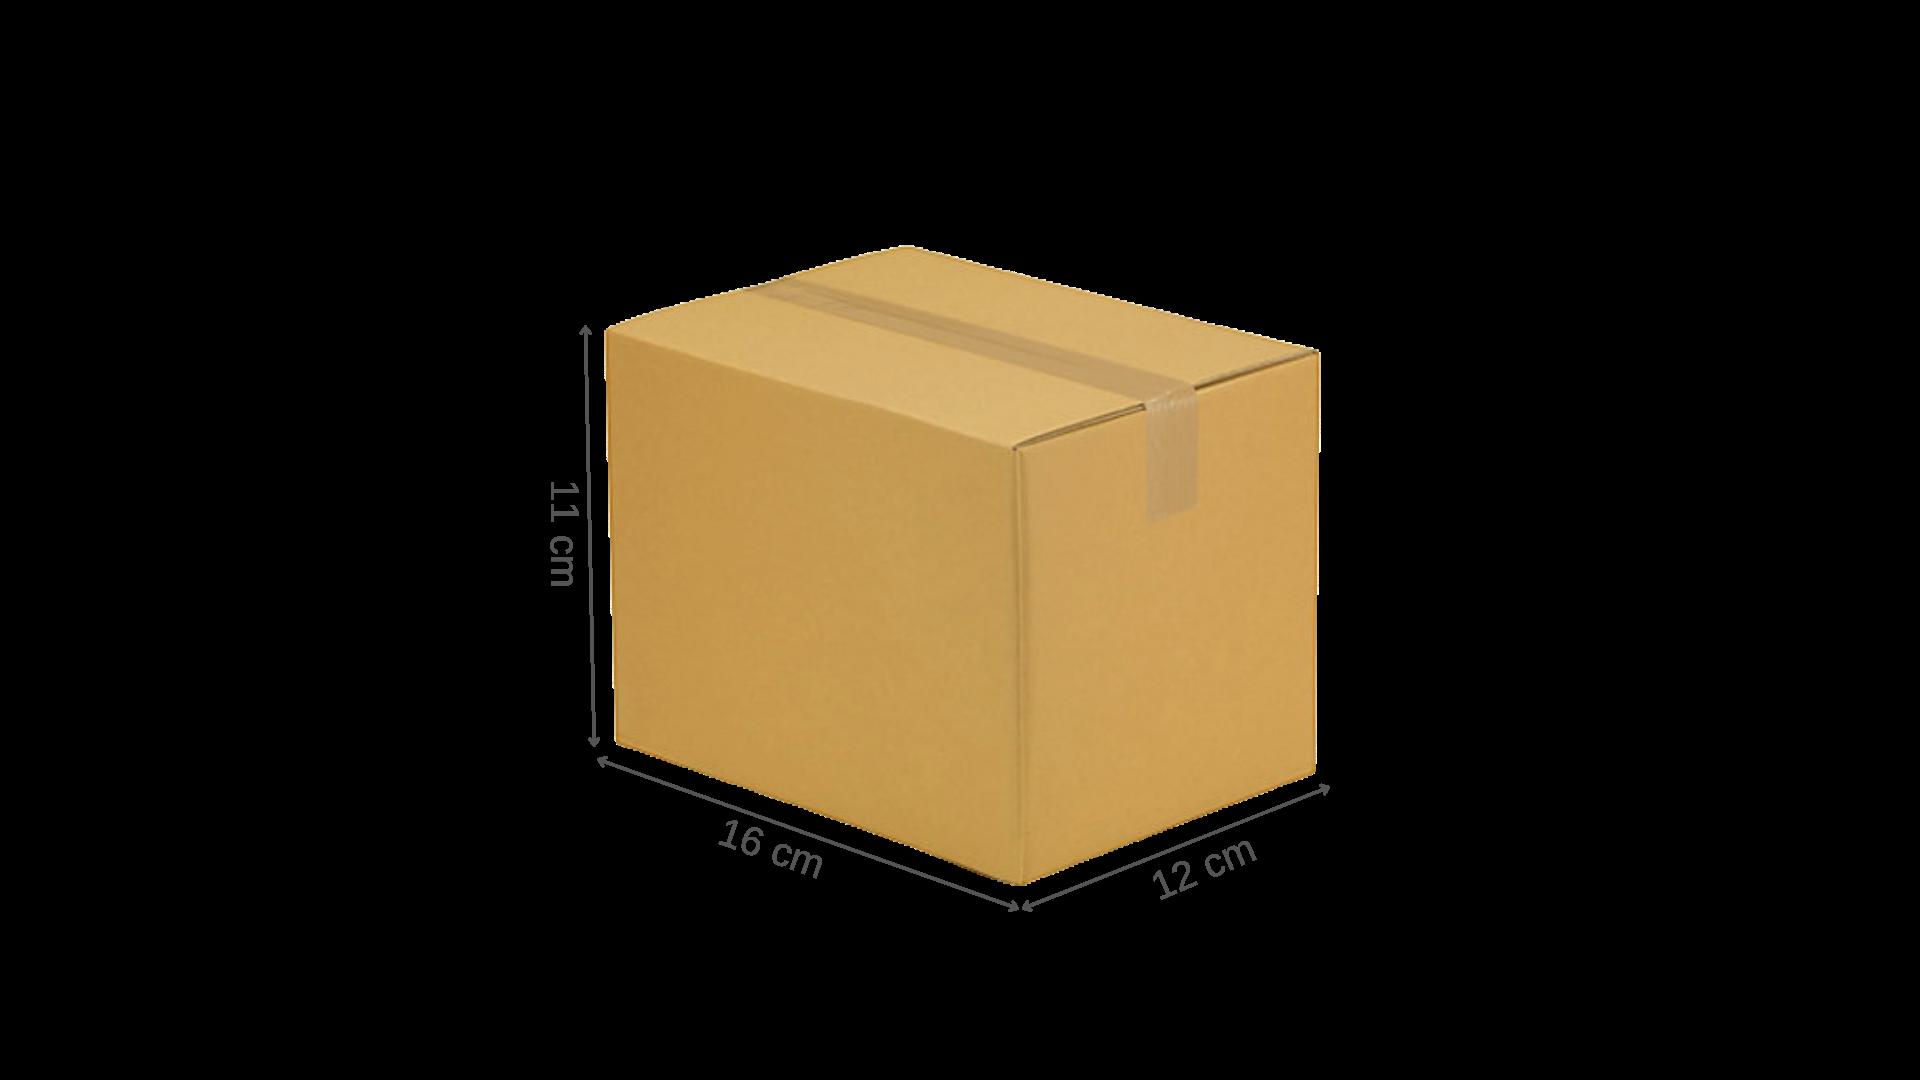 Carton simple cannelure 16x12x11 cm